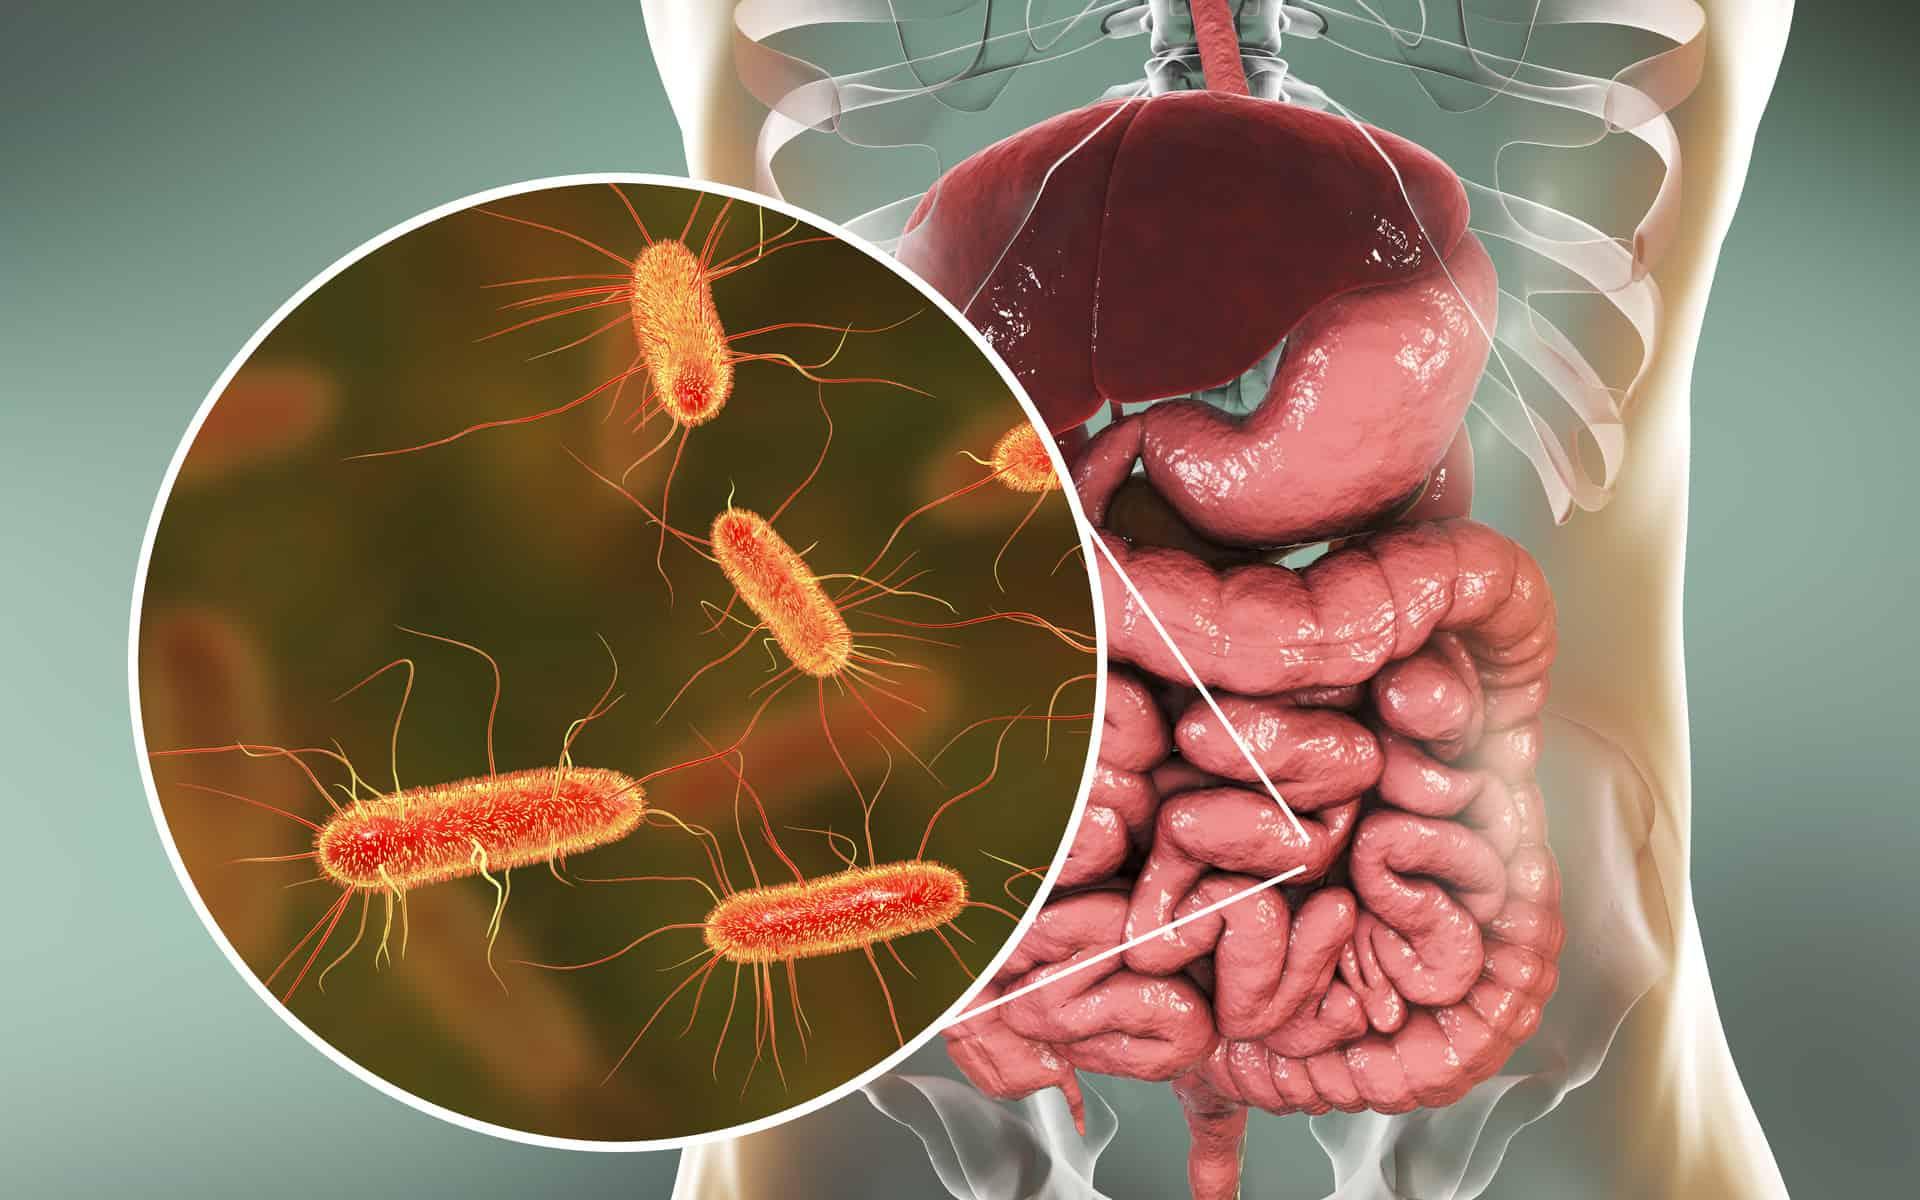 Сердечный приступ: кишечная бактерия может вызвать его